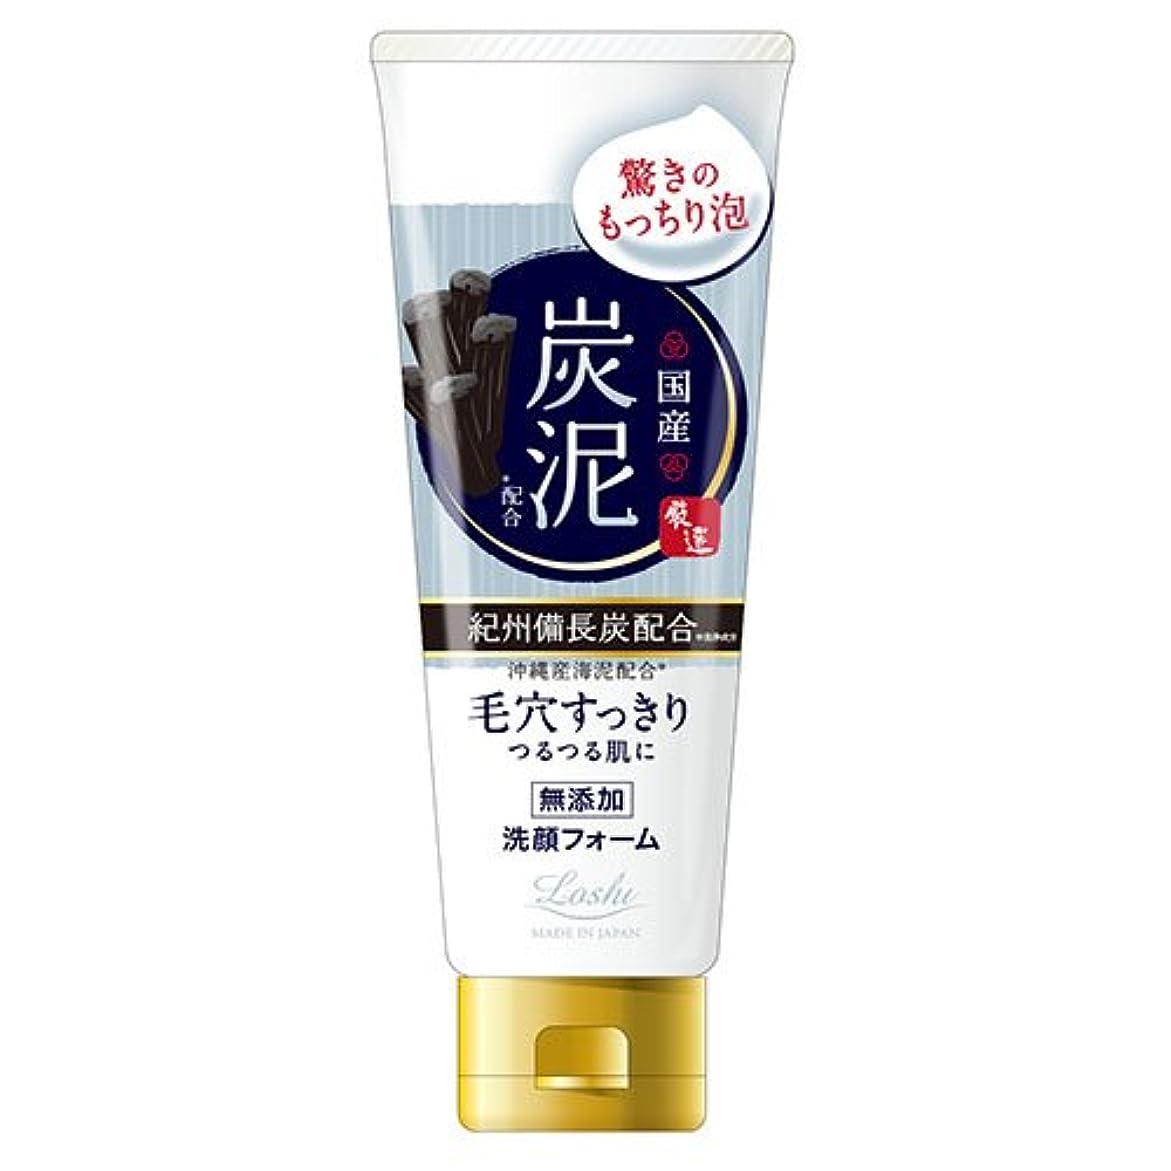 対称贅沢なポールロッシモイストエイド 国産 ホイップ洗顔 炭泥 120g